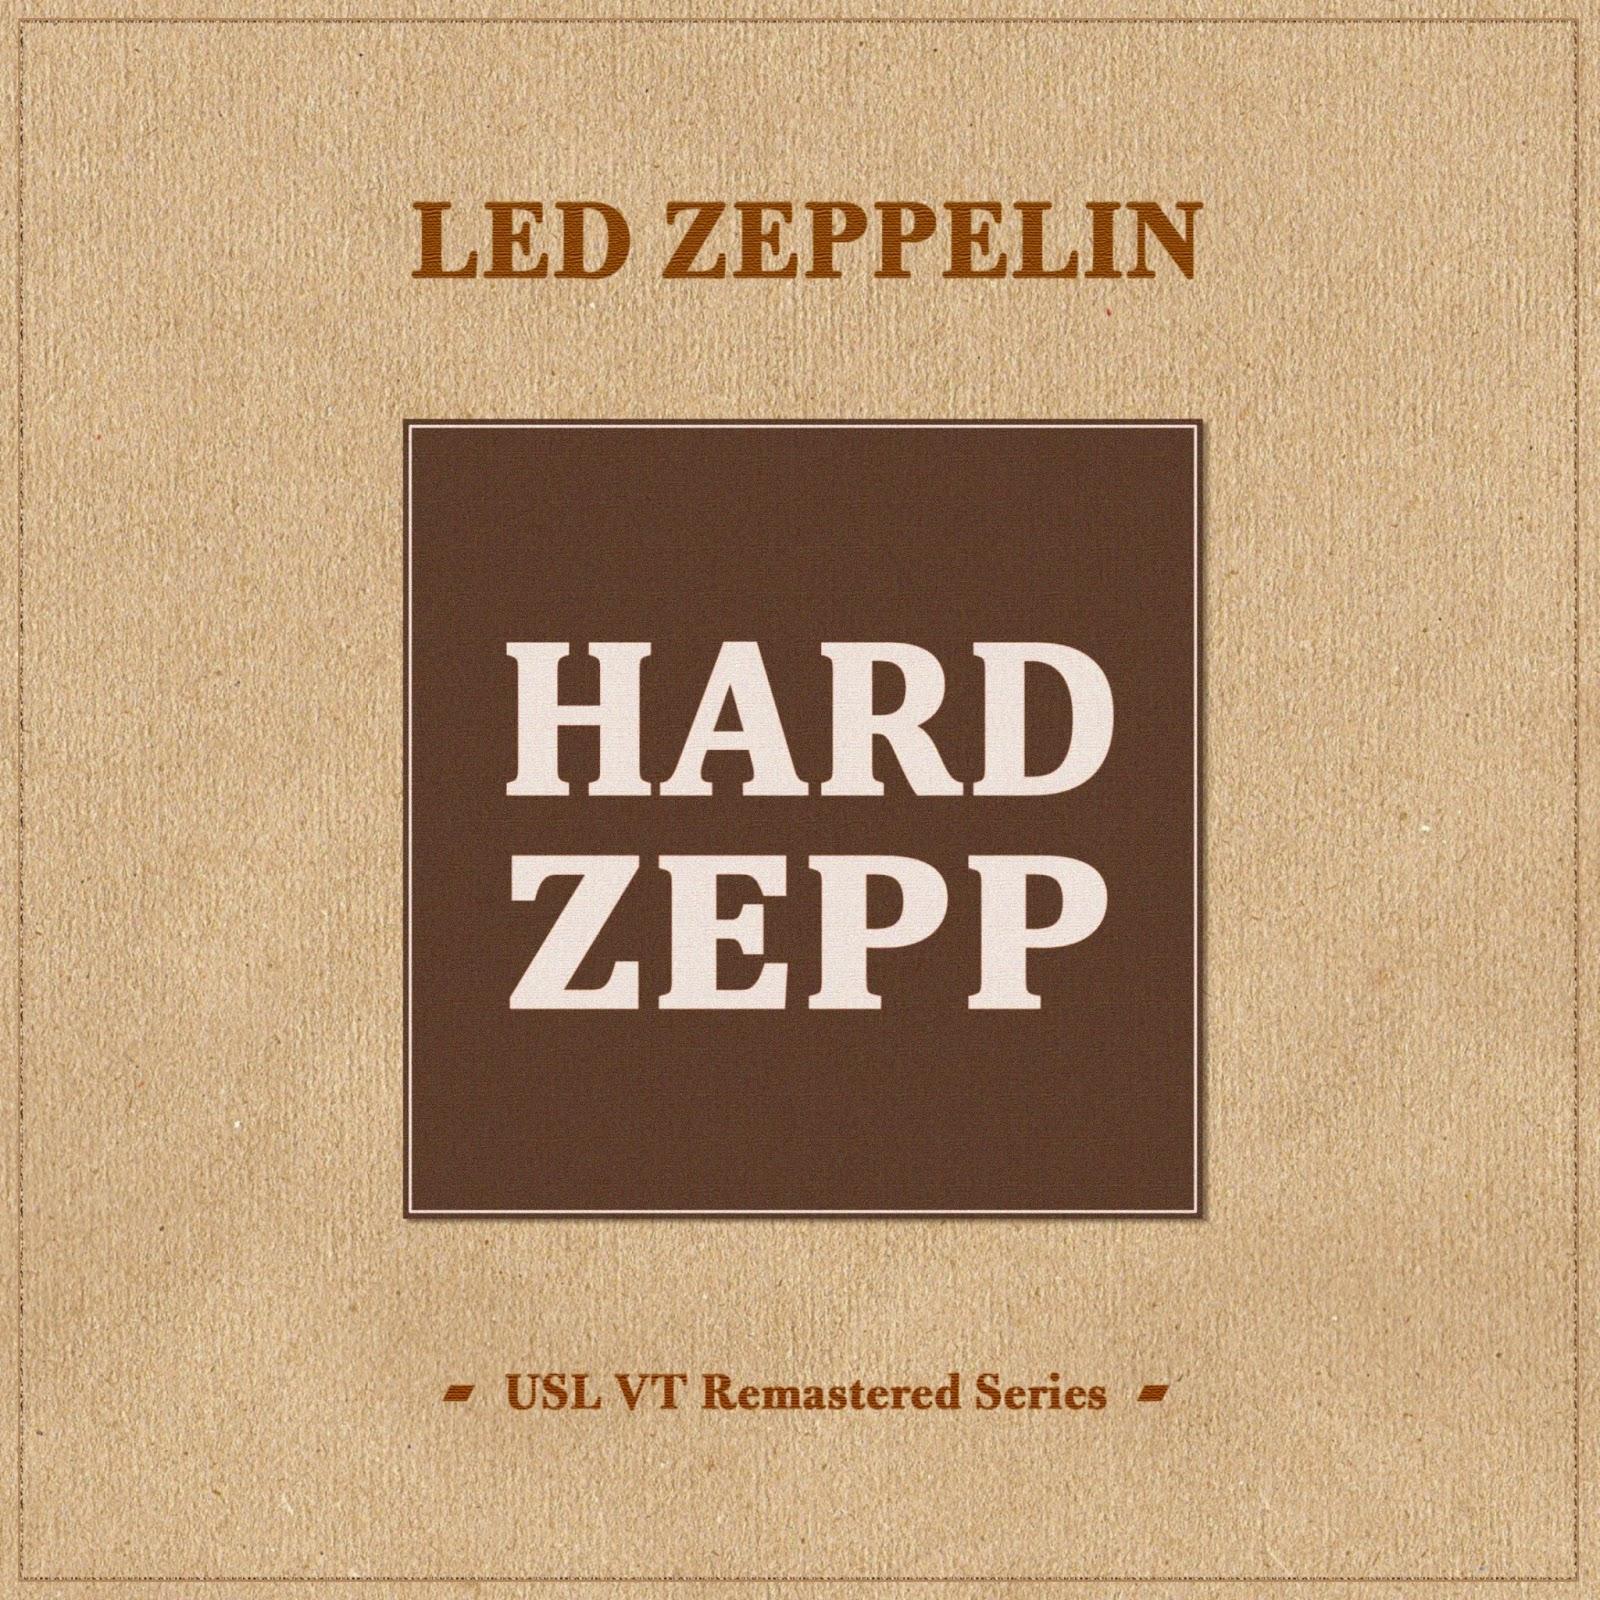 2012 - Led Zeppelin - Hard Zepp USL VT Remastered series